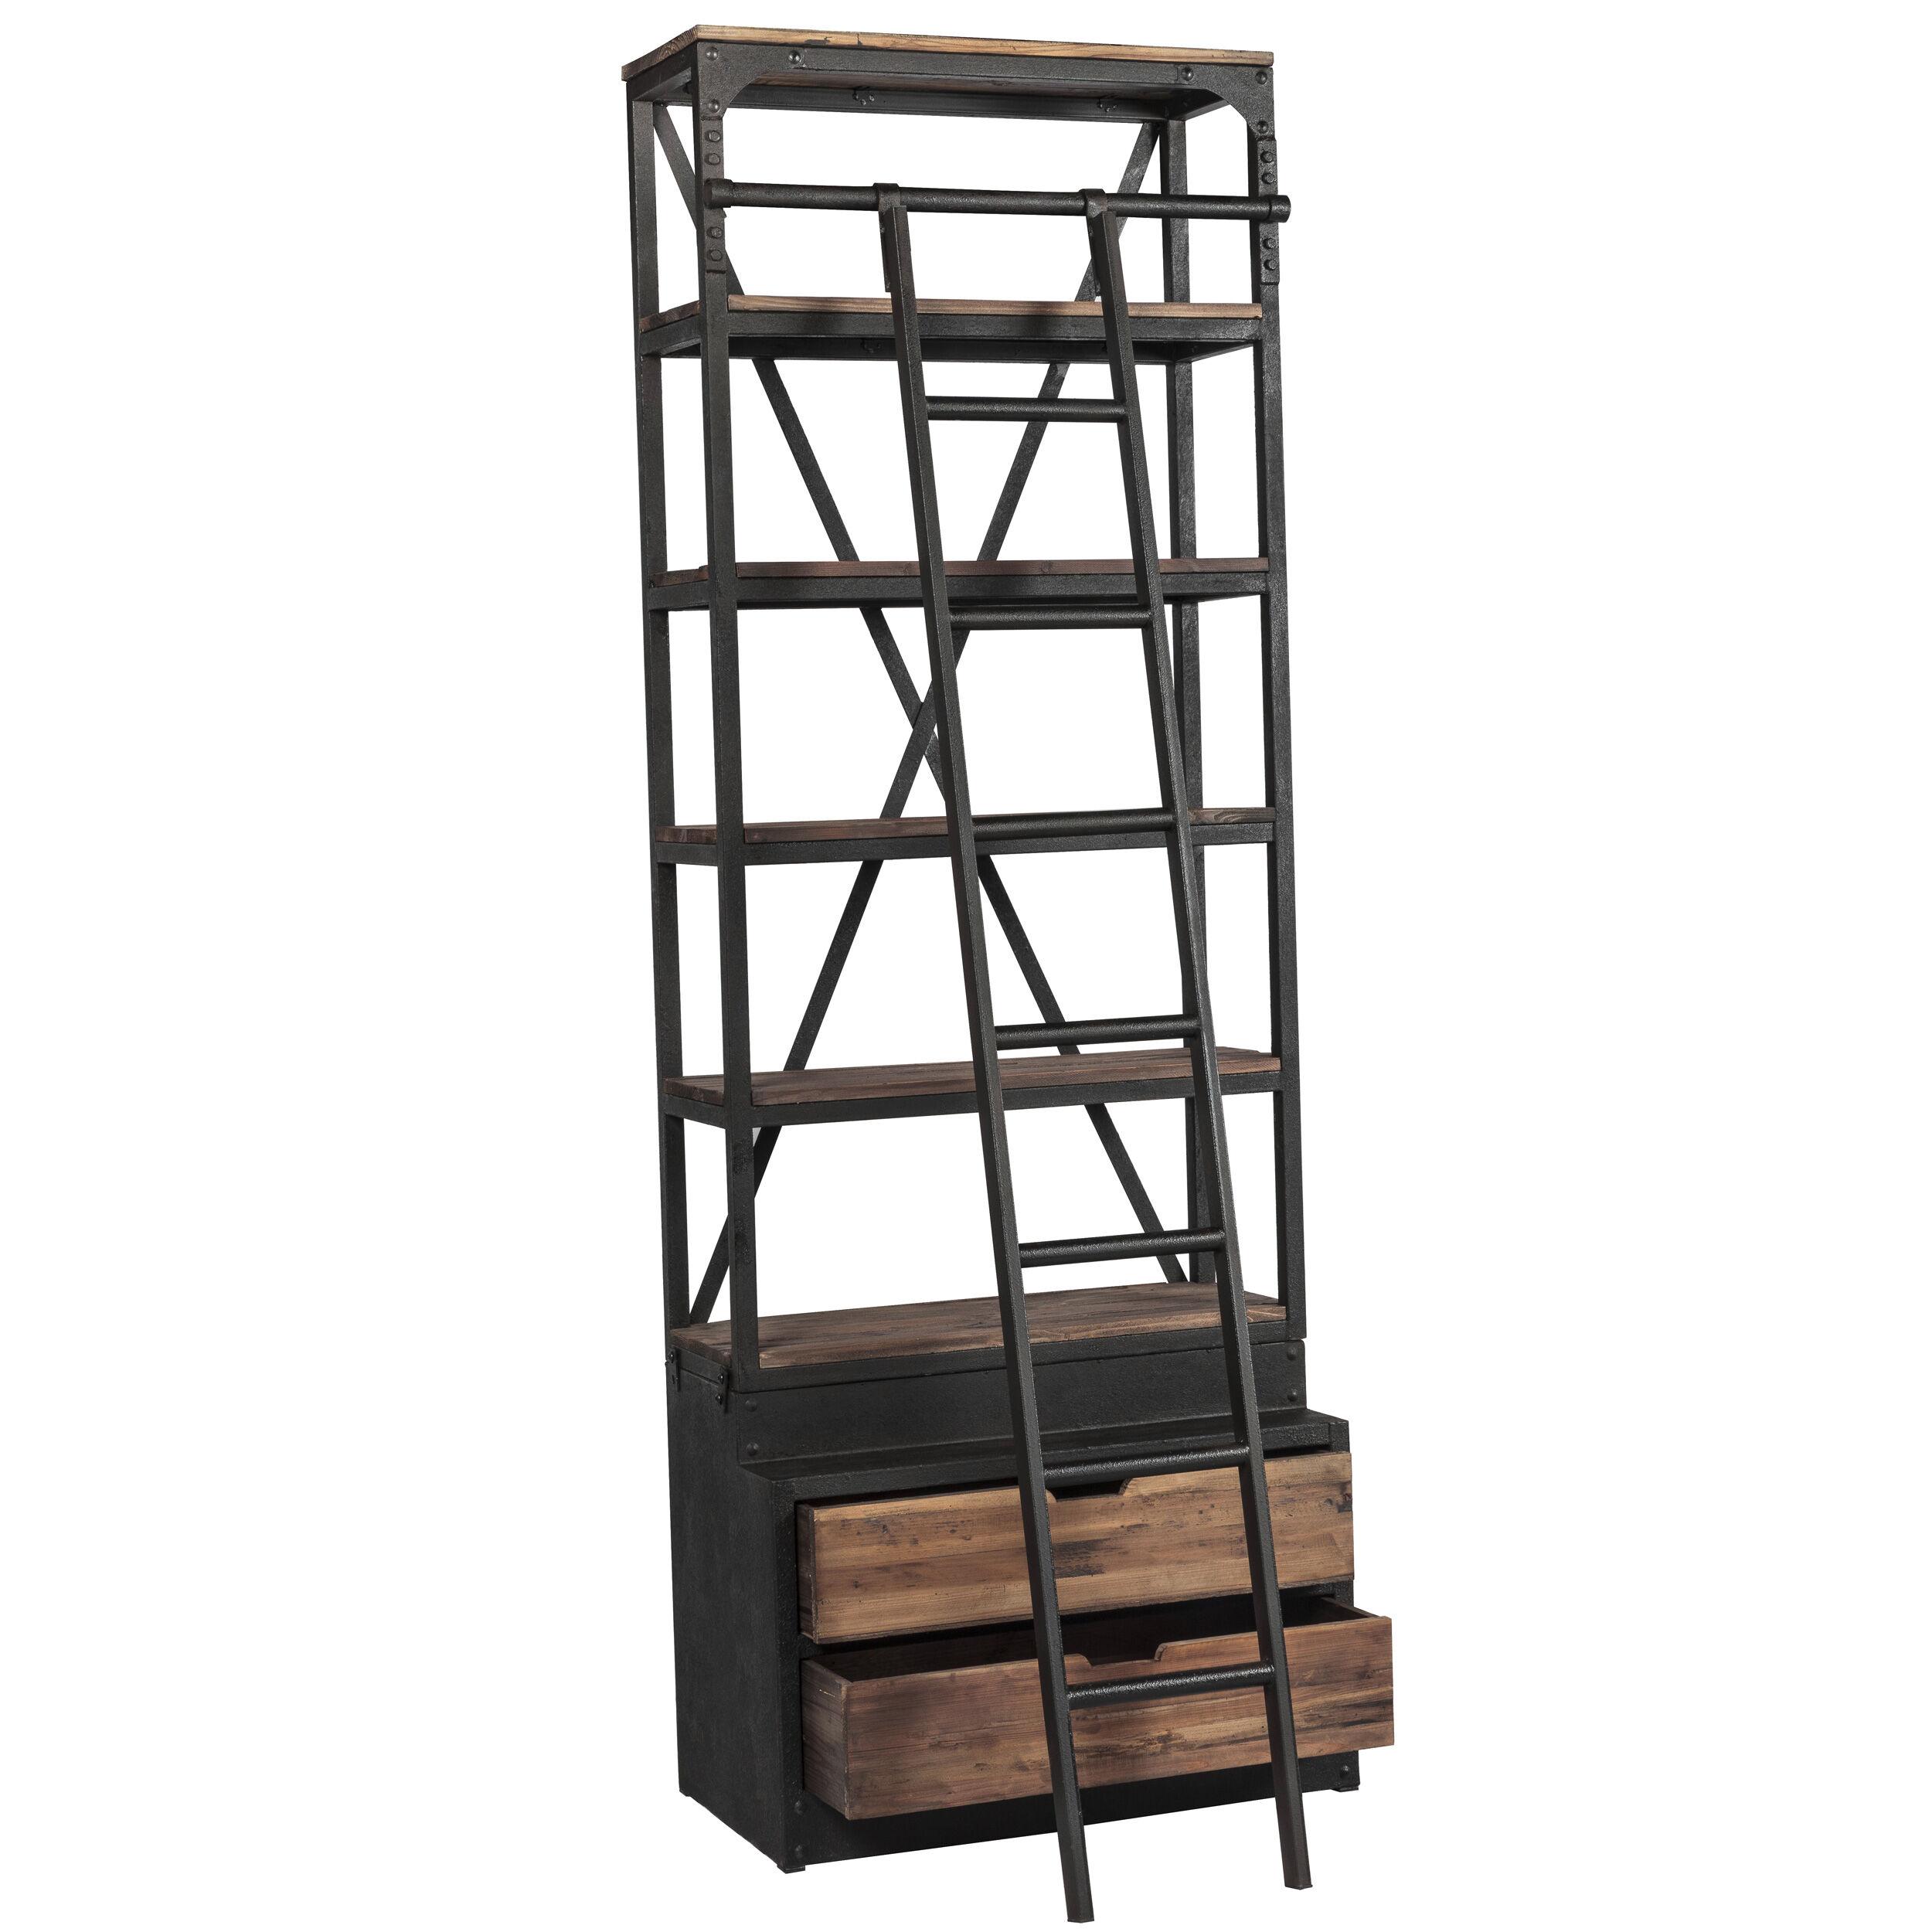 Rendez vous déco Bibliothque 86 cm en bois et métal avec échelle, 2 tiroirs